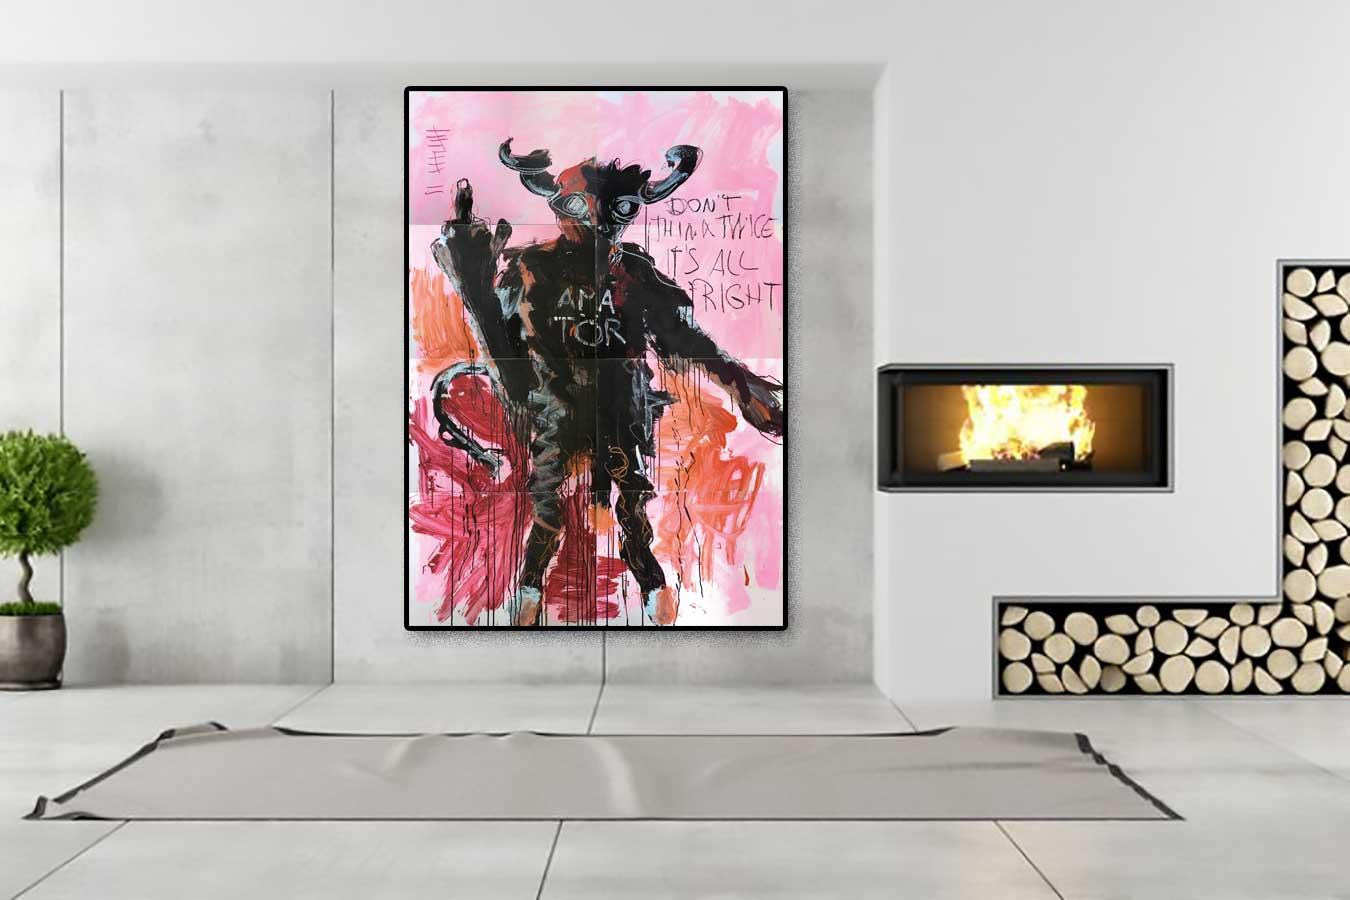 monngi-higgs-painter-artist-maler-kuenstler-amatoer-wall